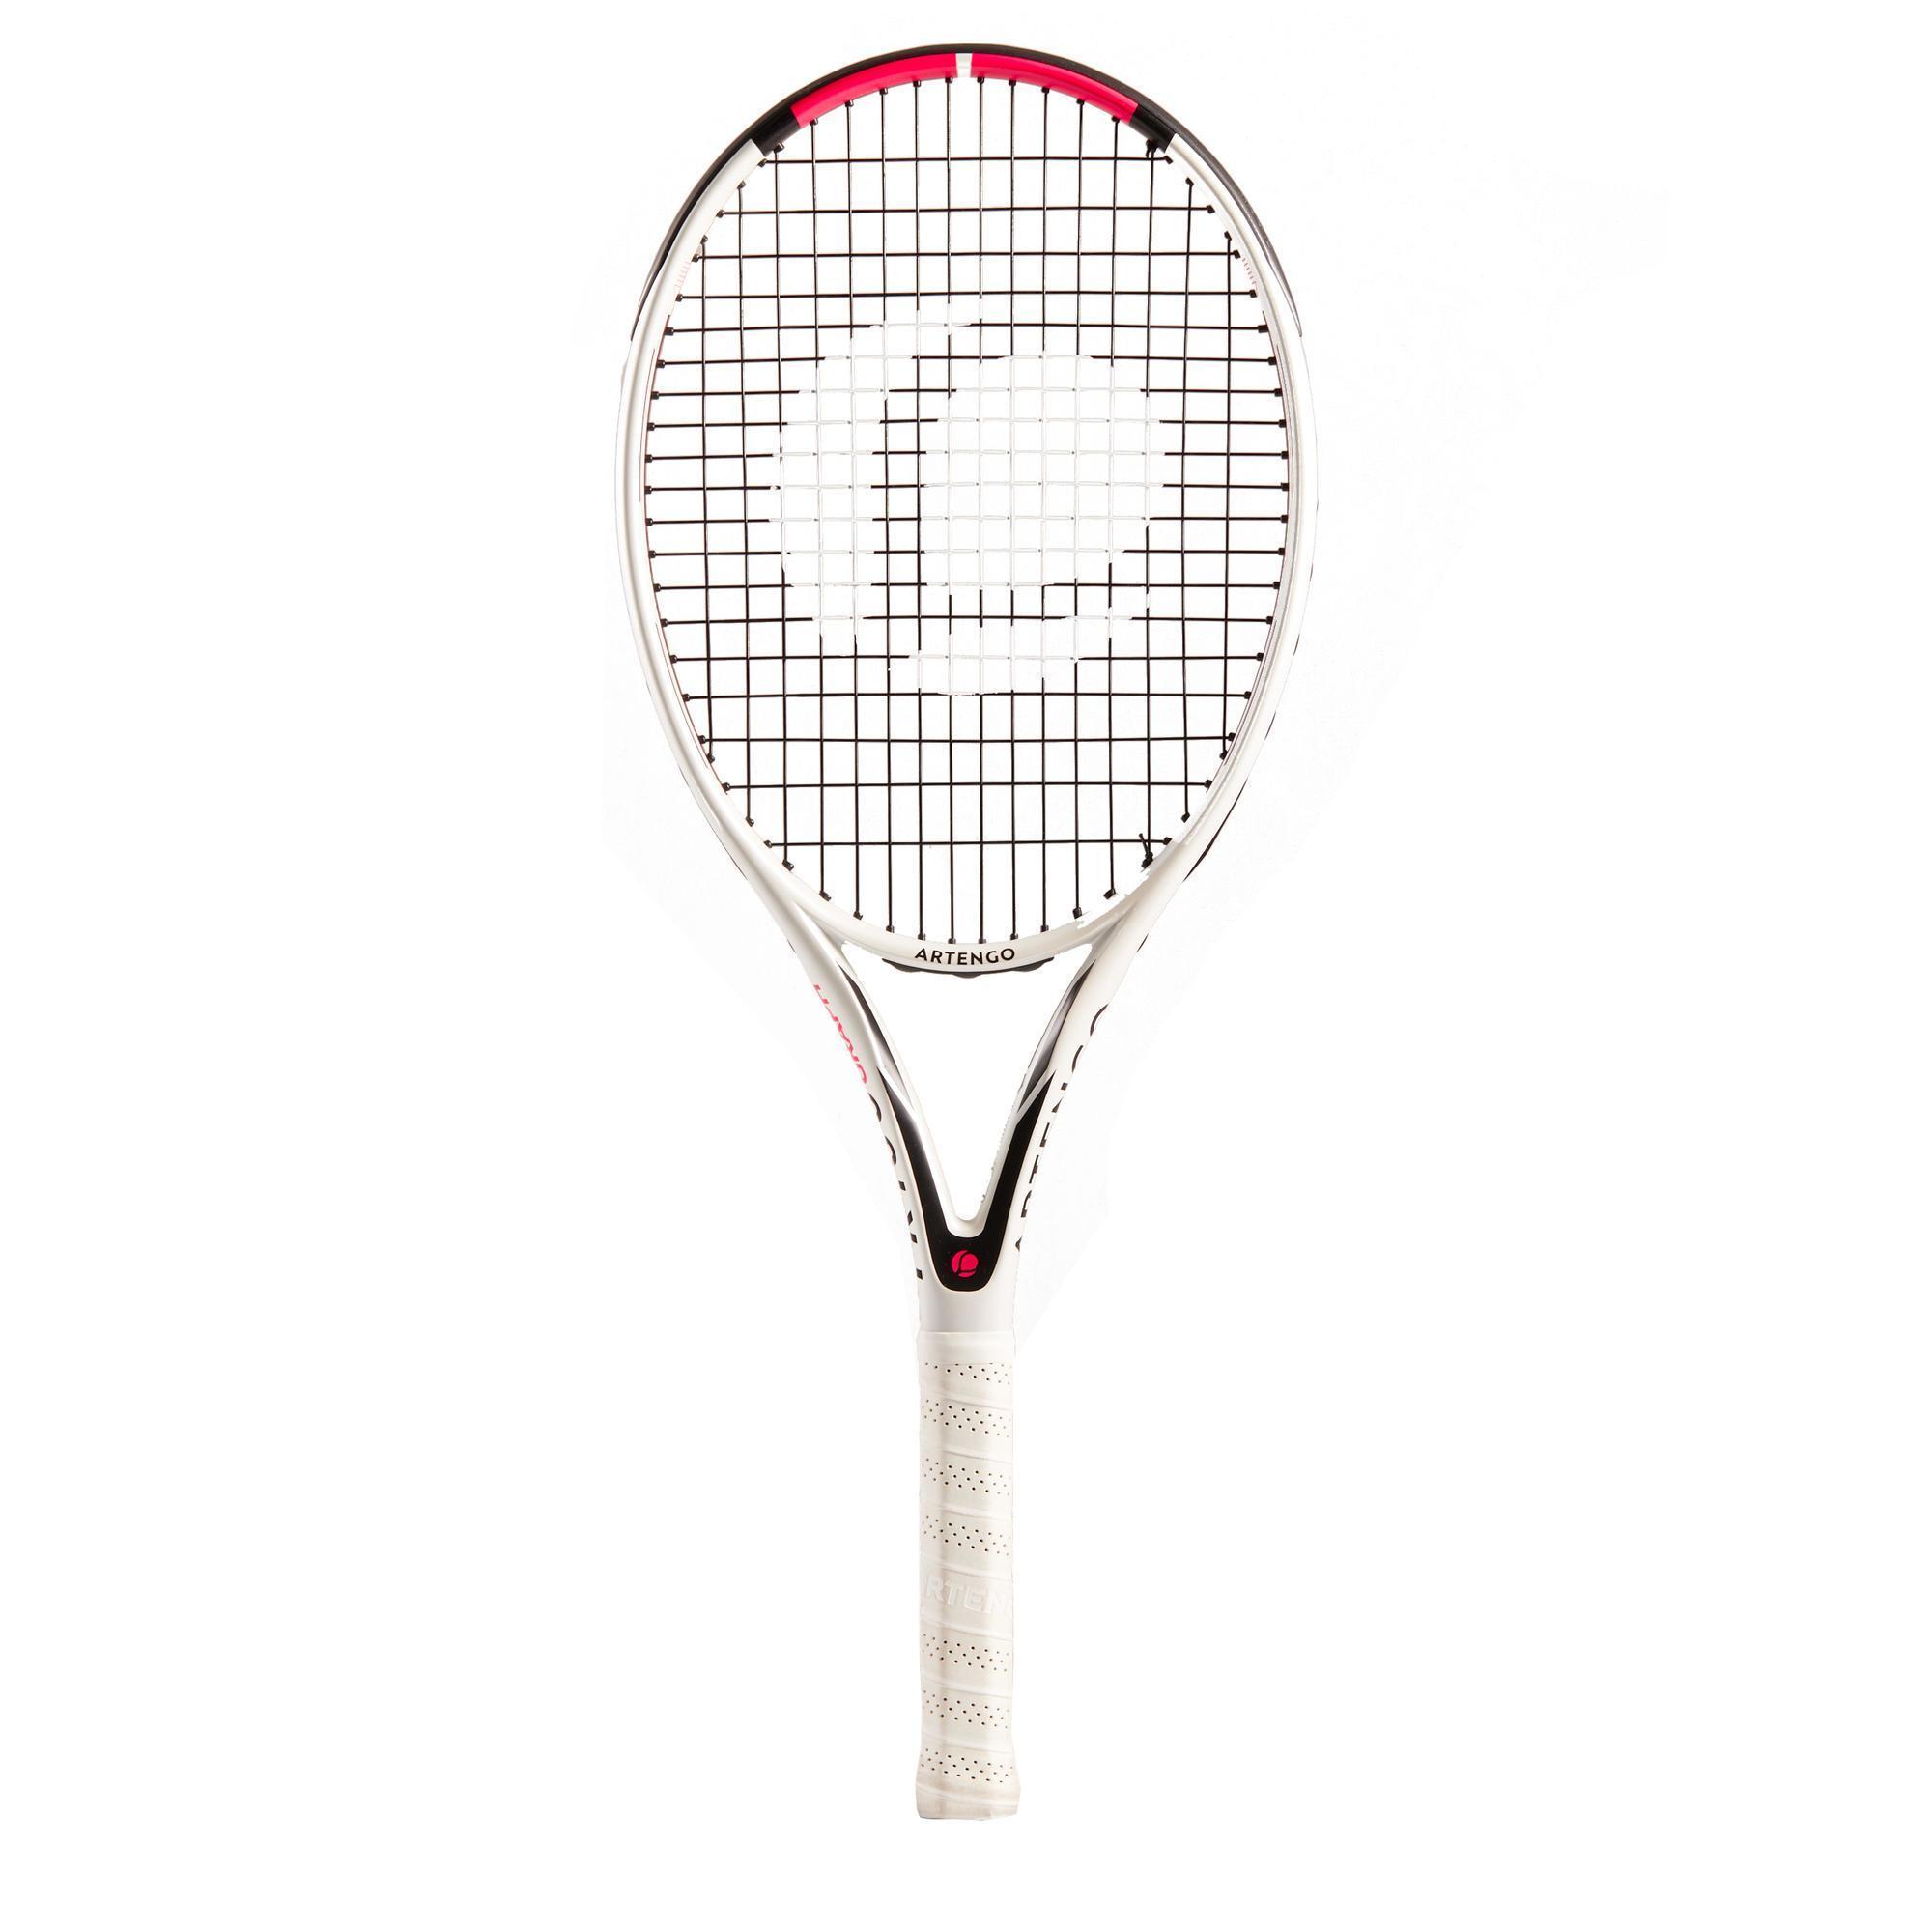 Comprar Raquetas de Tenis online  cdade5c350230